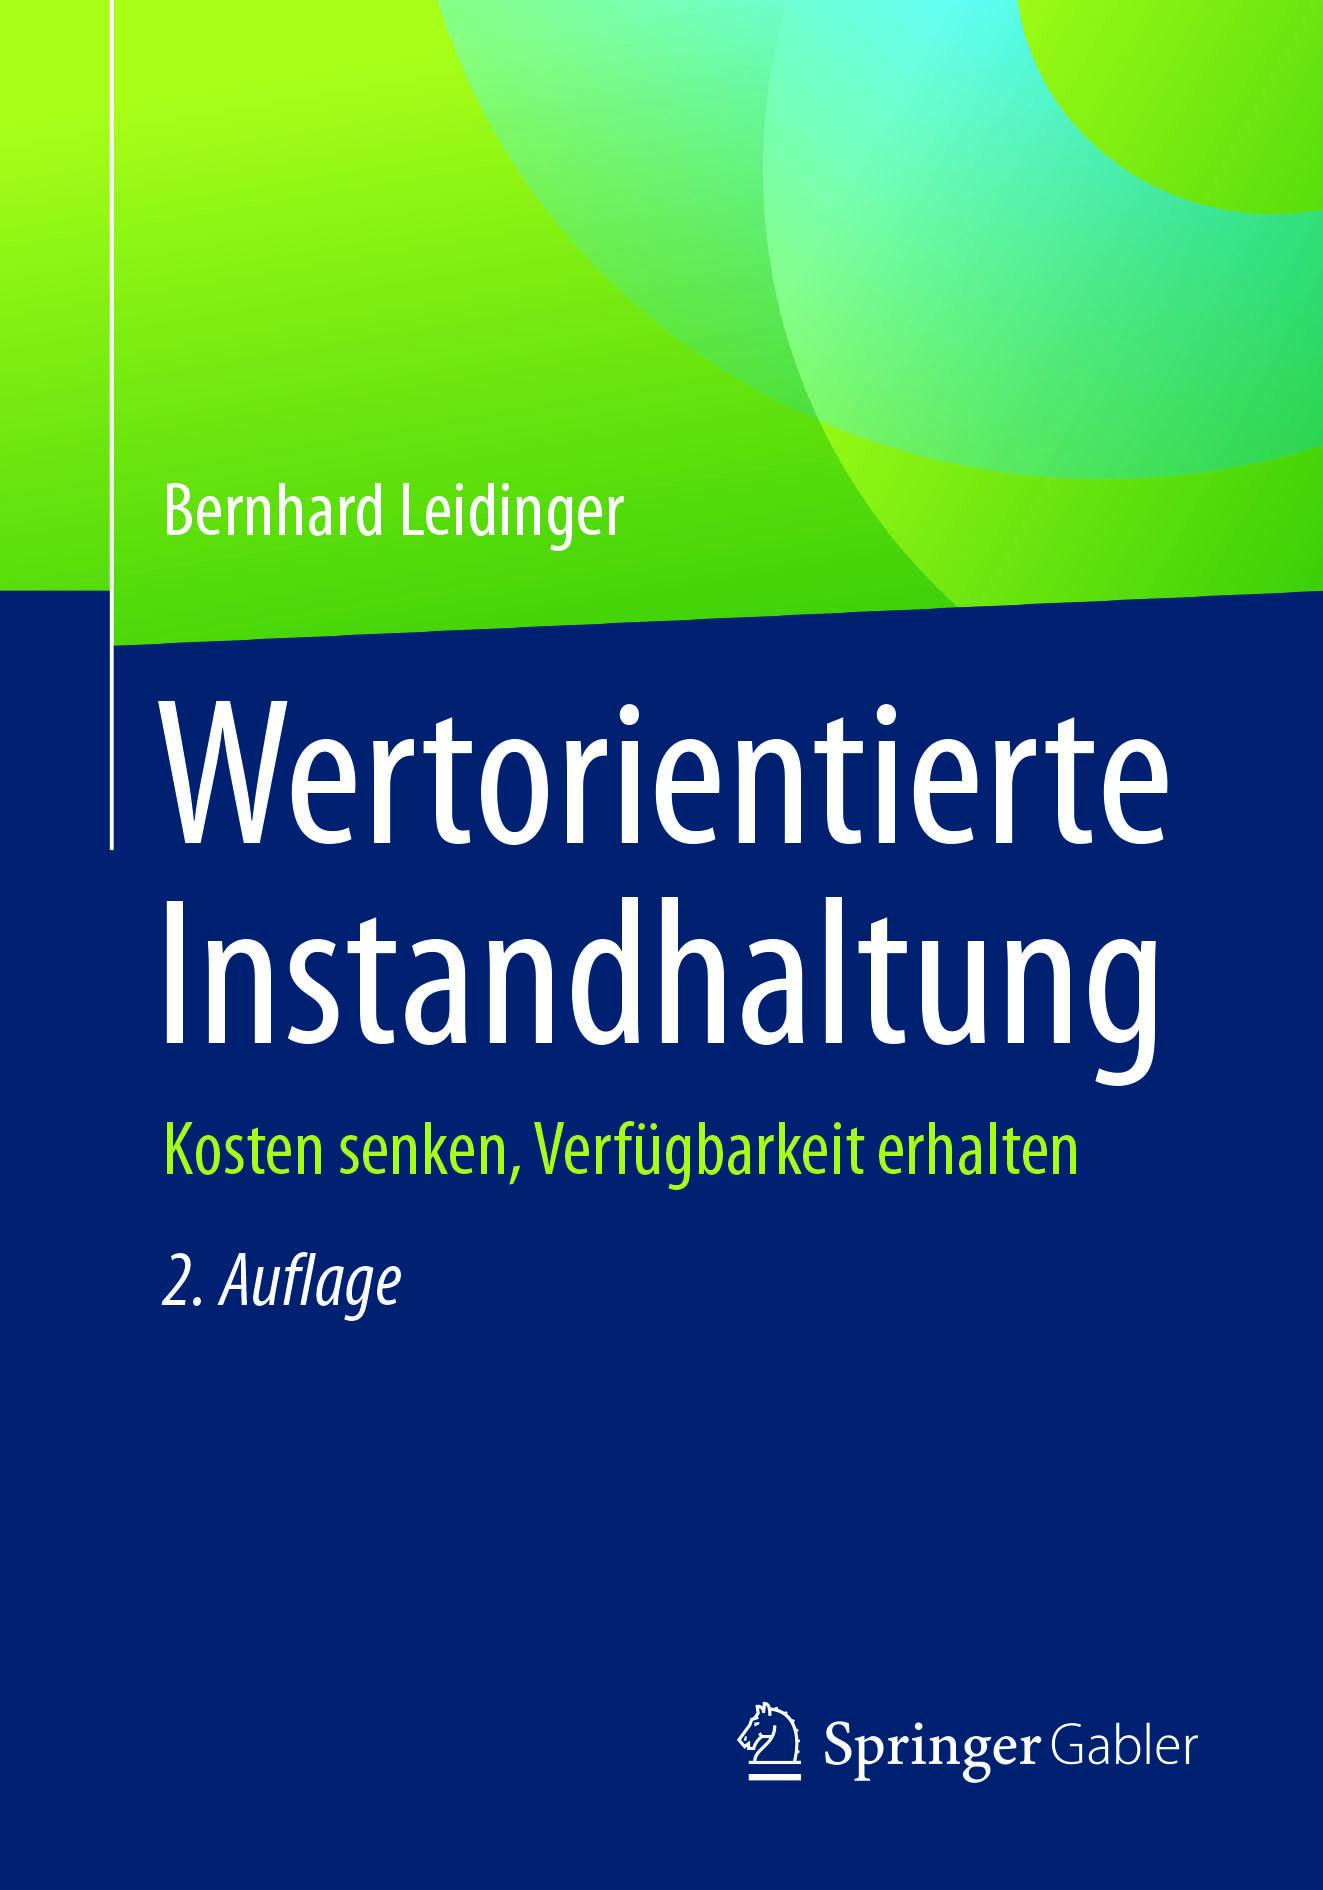 Leidinger, Bernhard - Wertorientierte Instandhaltung, ebook